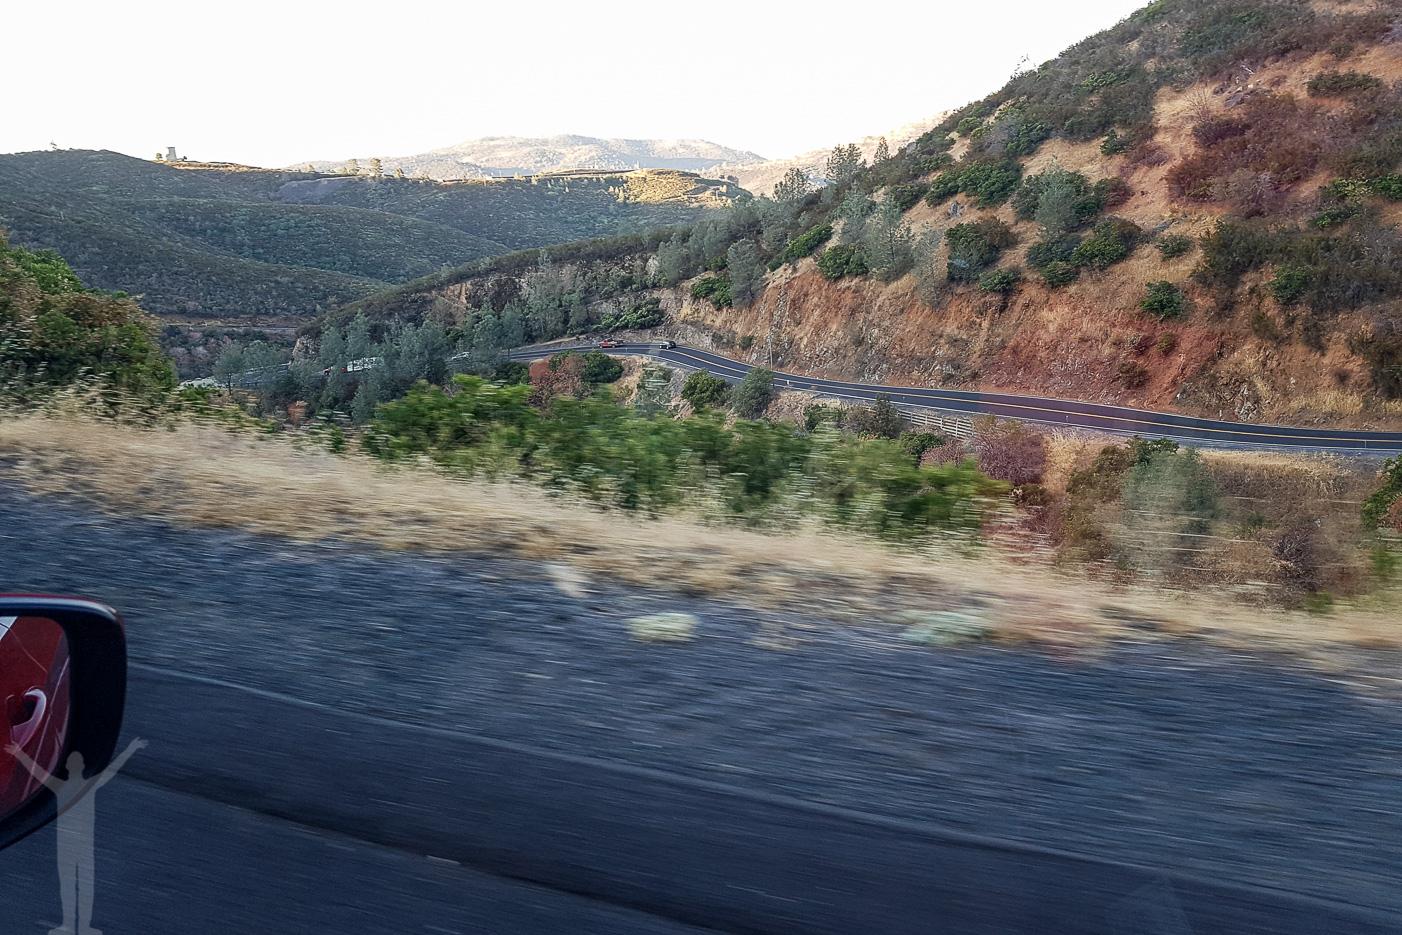 Vägen till Yosemite